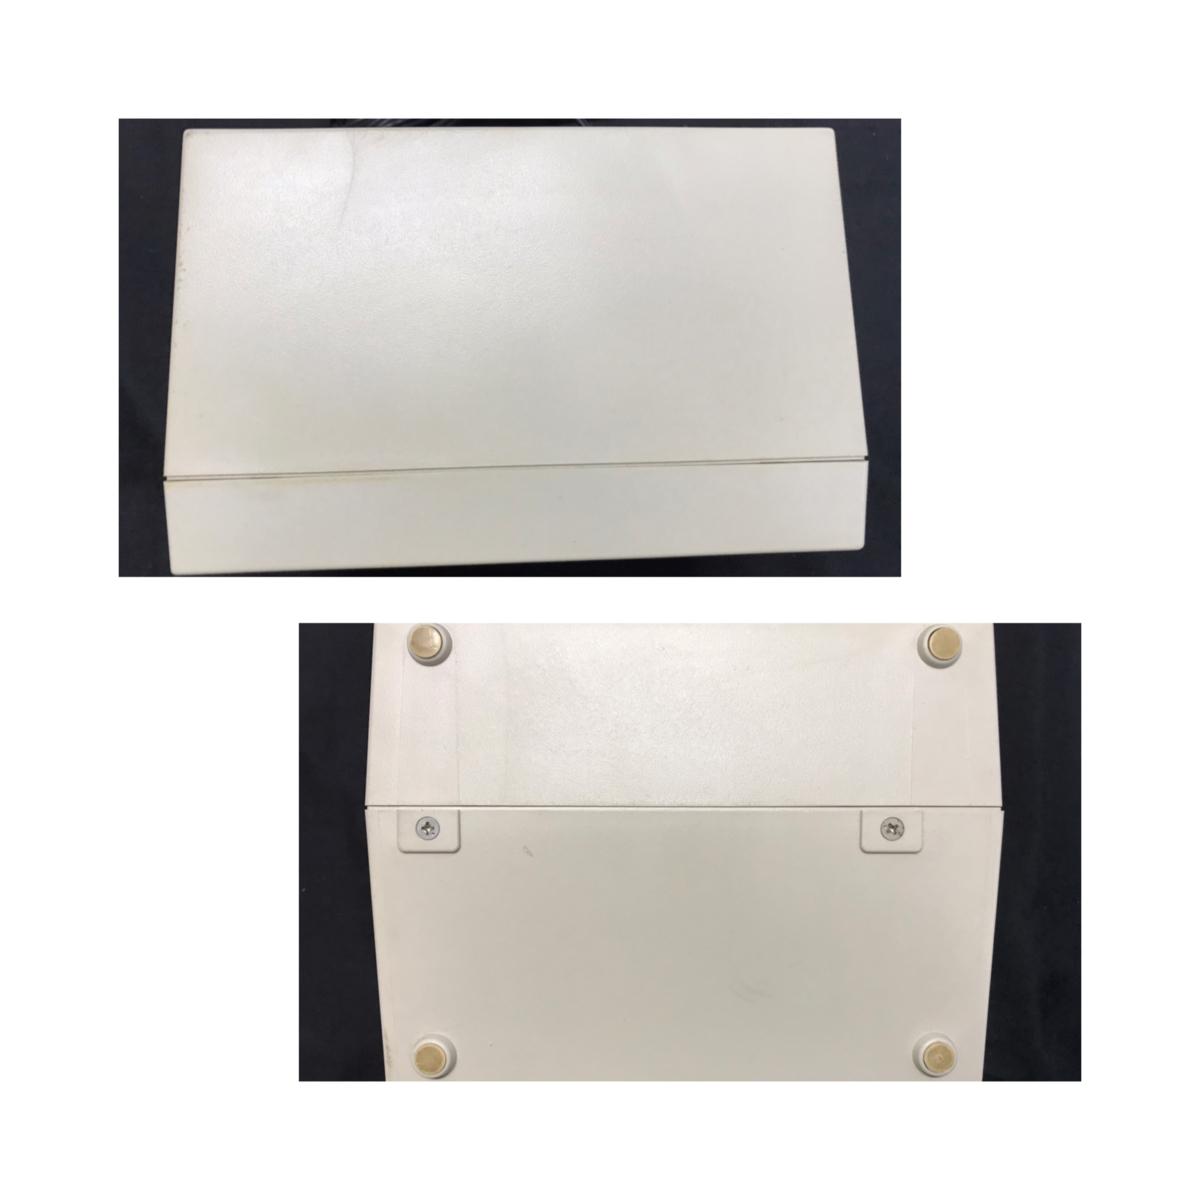 21A081 送料無料 NEC PC-DR311 データレコーダー DATA RECORDER 通電確認済 ジャンク扱い_画像10